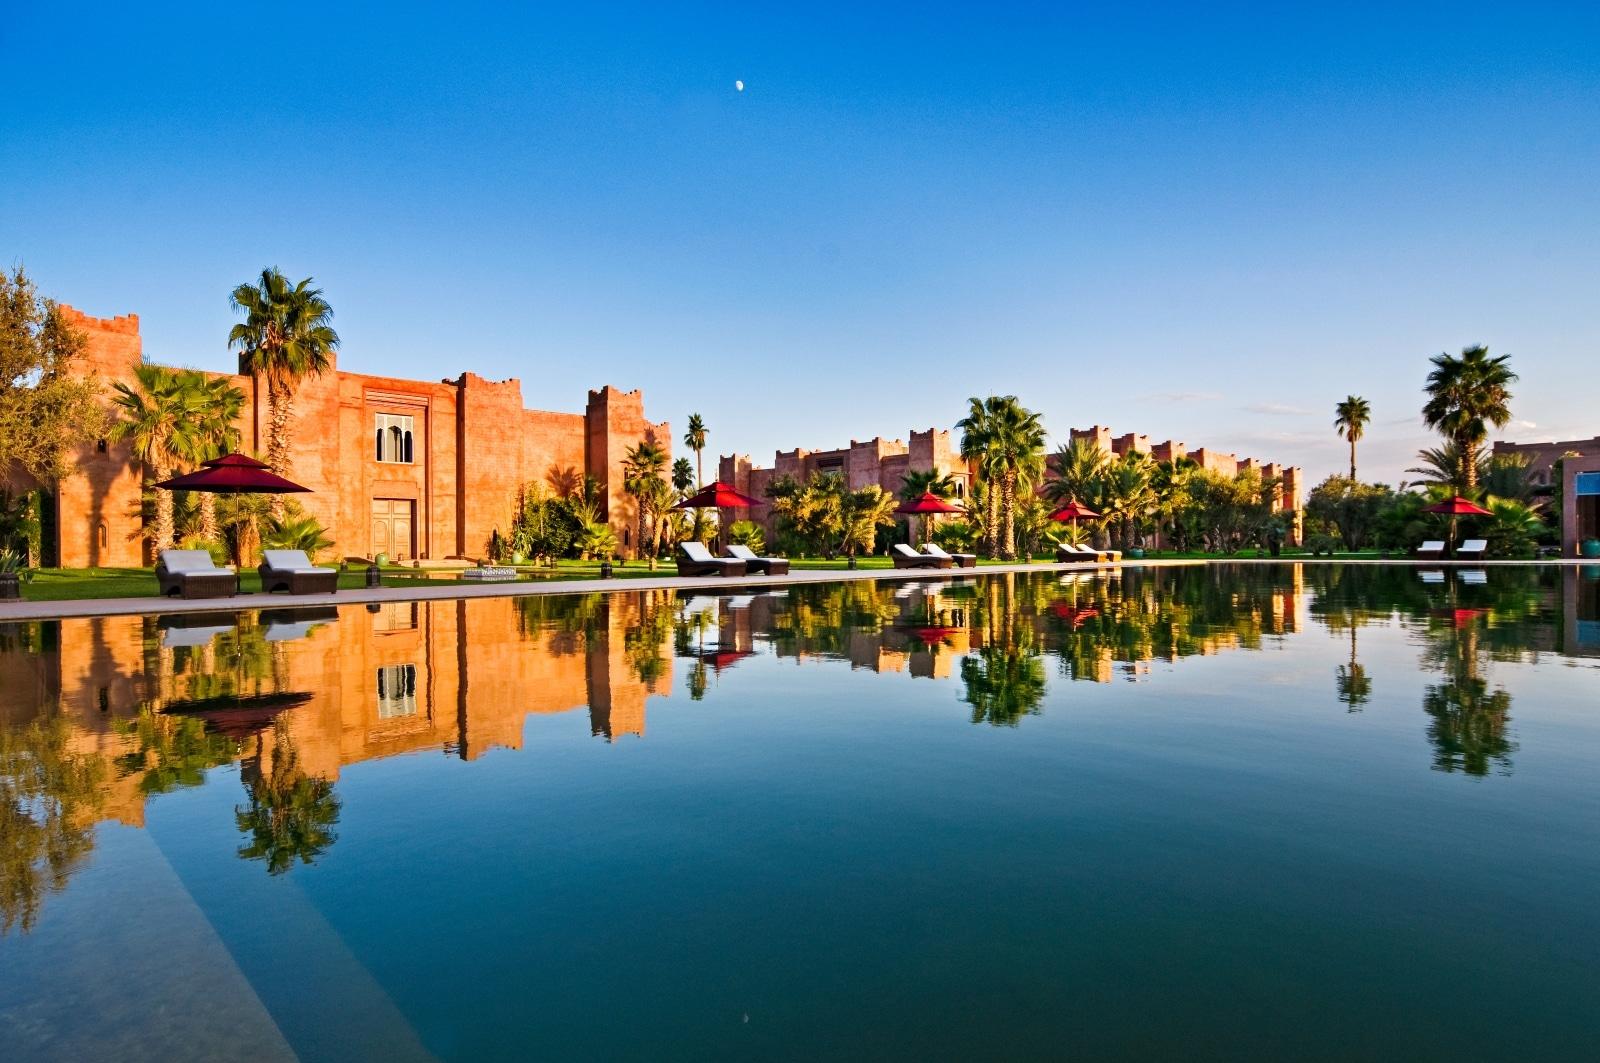 """Résultat de recherche d'images pour """"un jour a marrakech"""""""